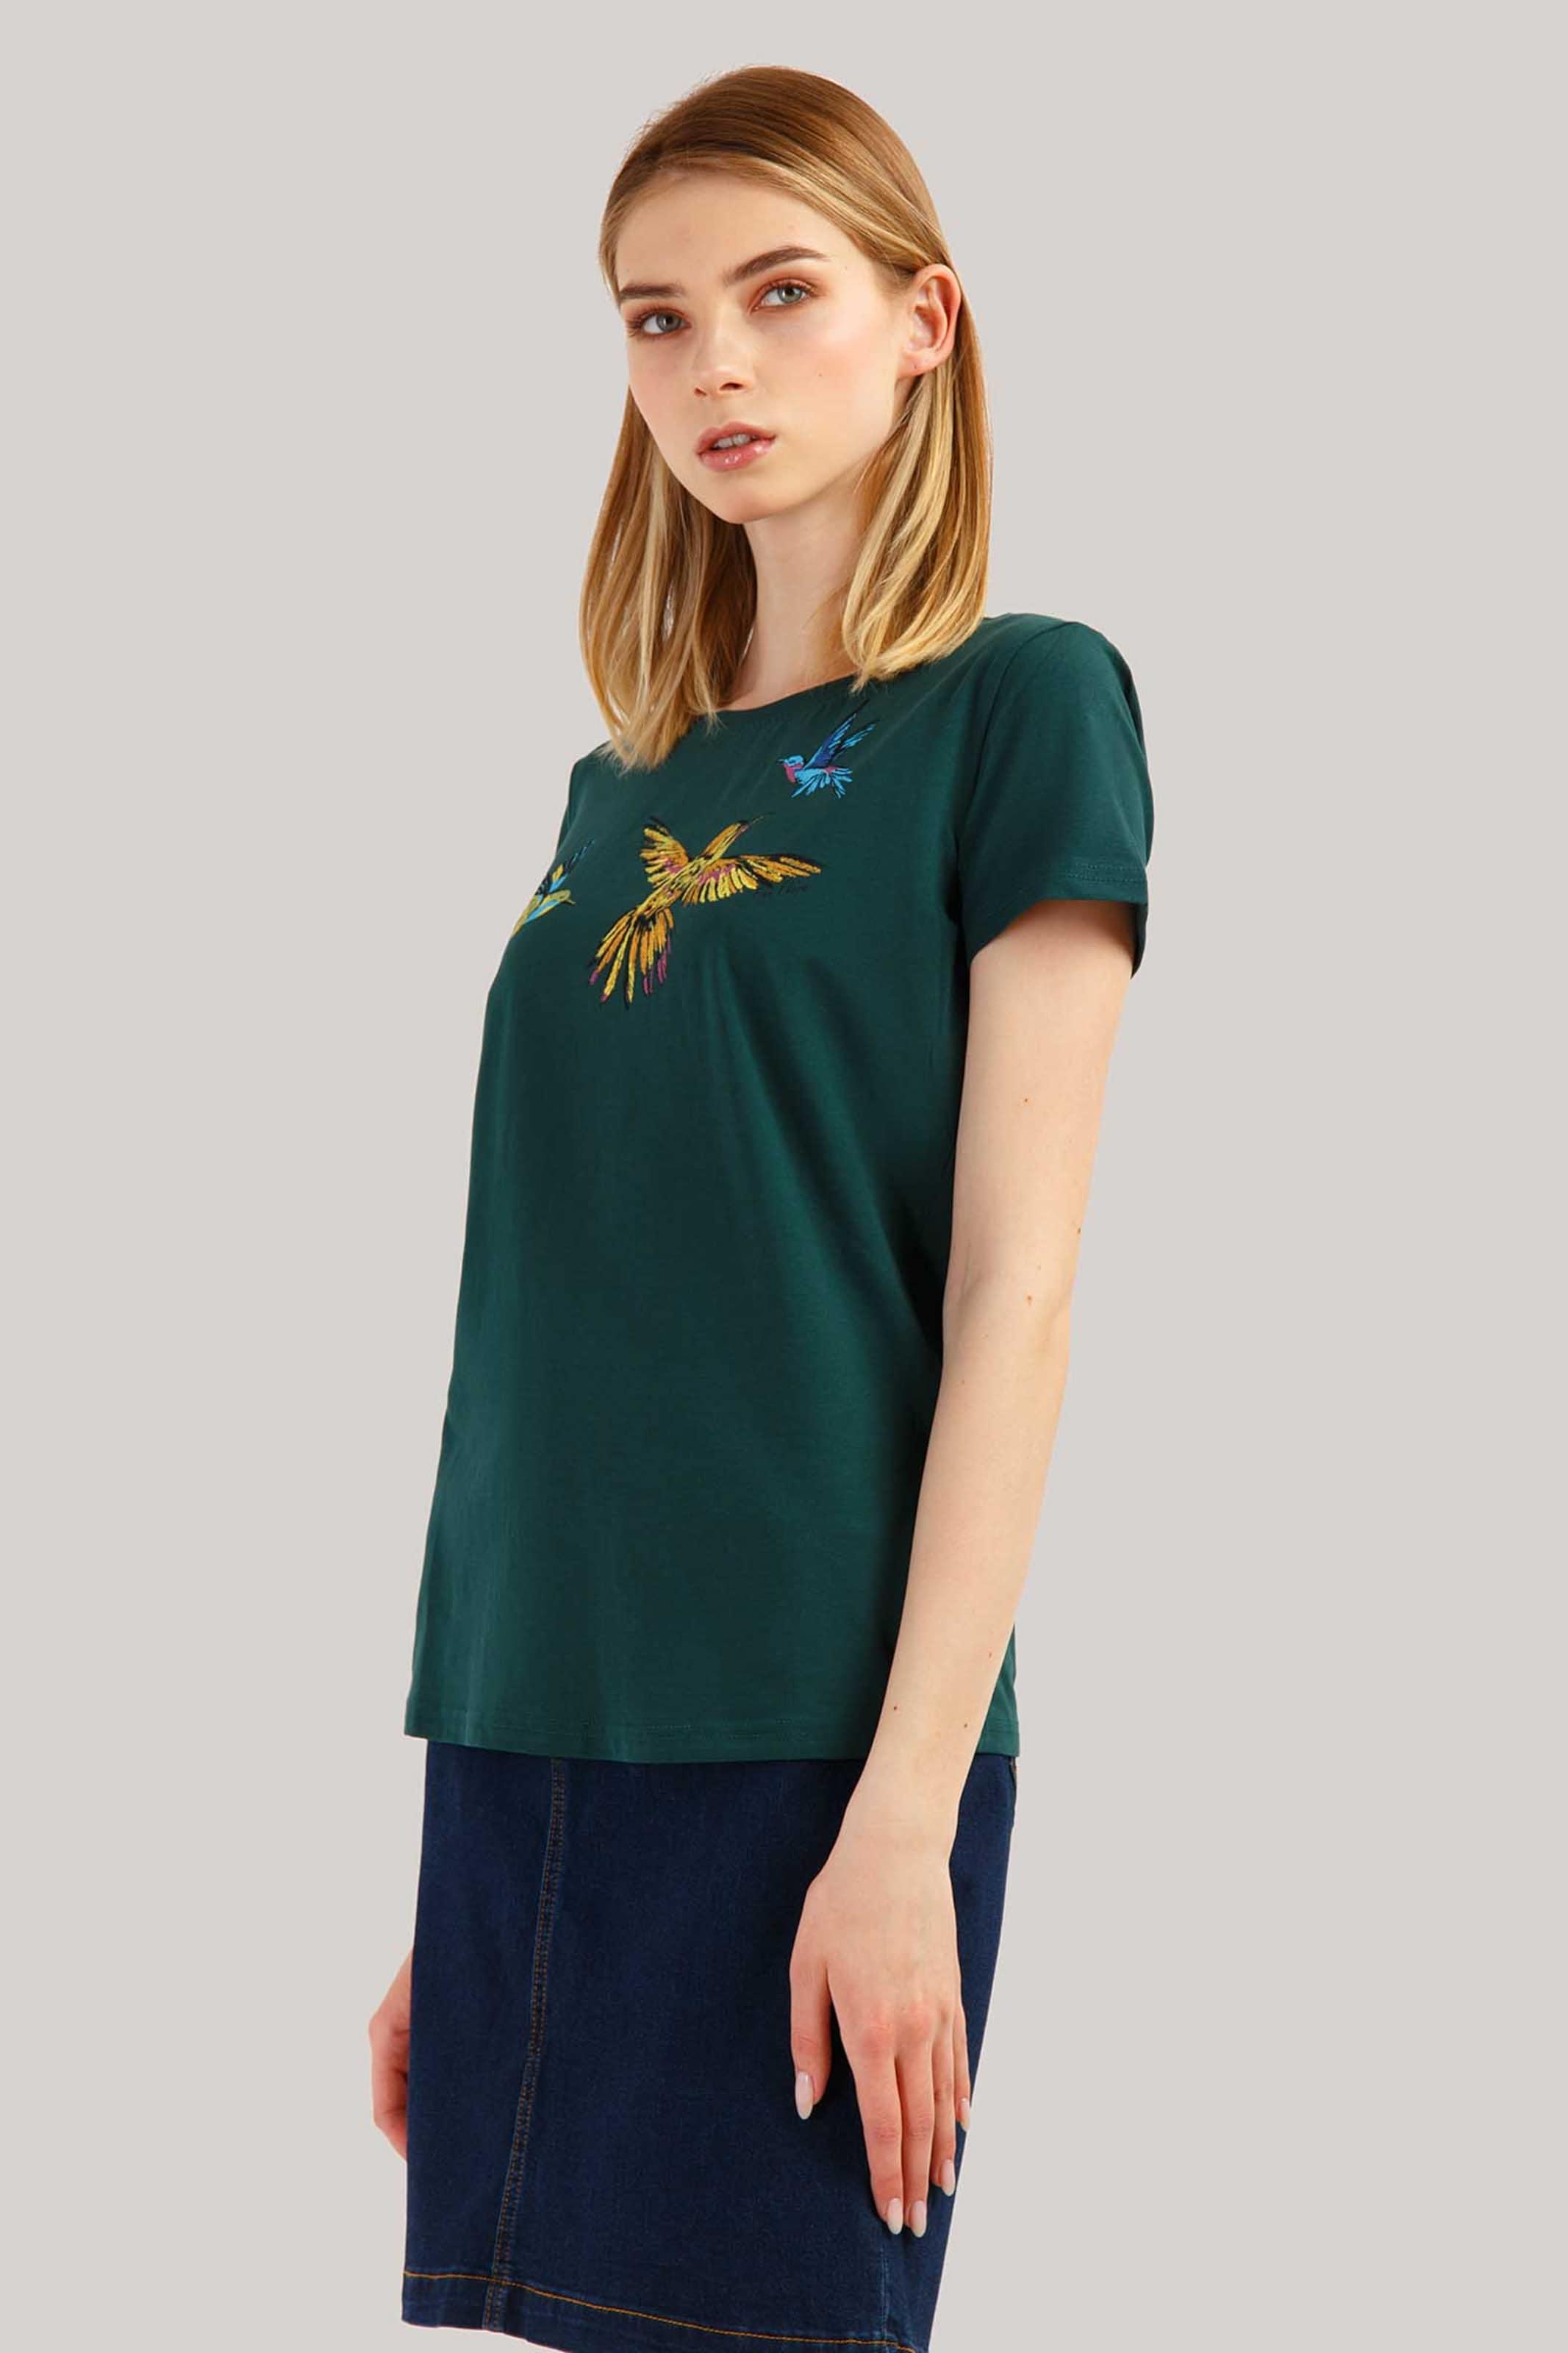 shirt Finn T Flare DunkelgrünMischfarben In 45Rqj3AL